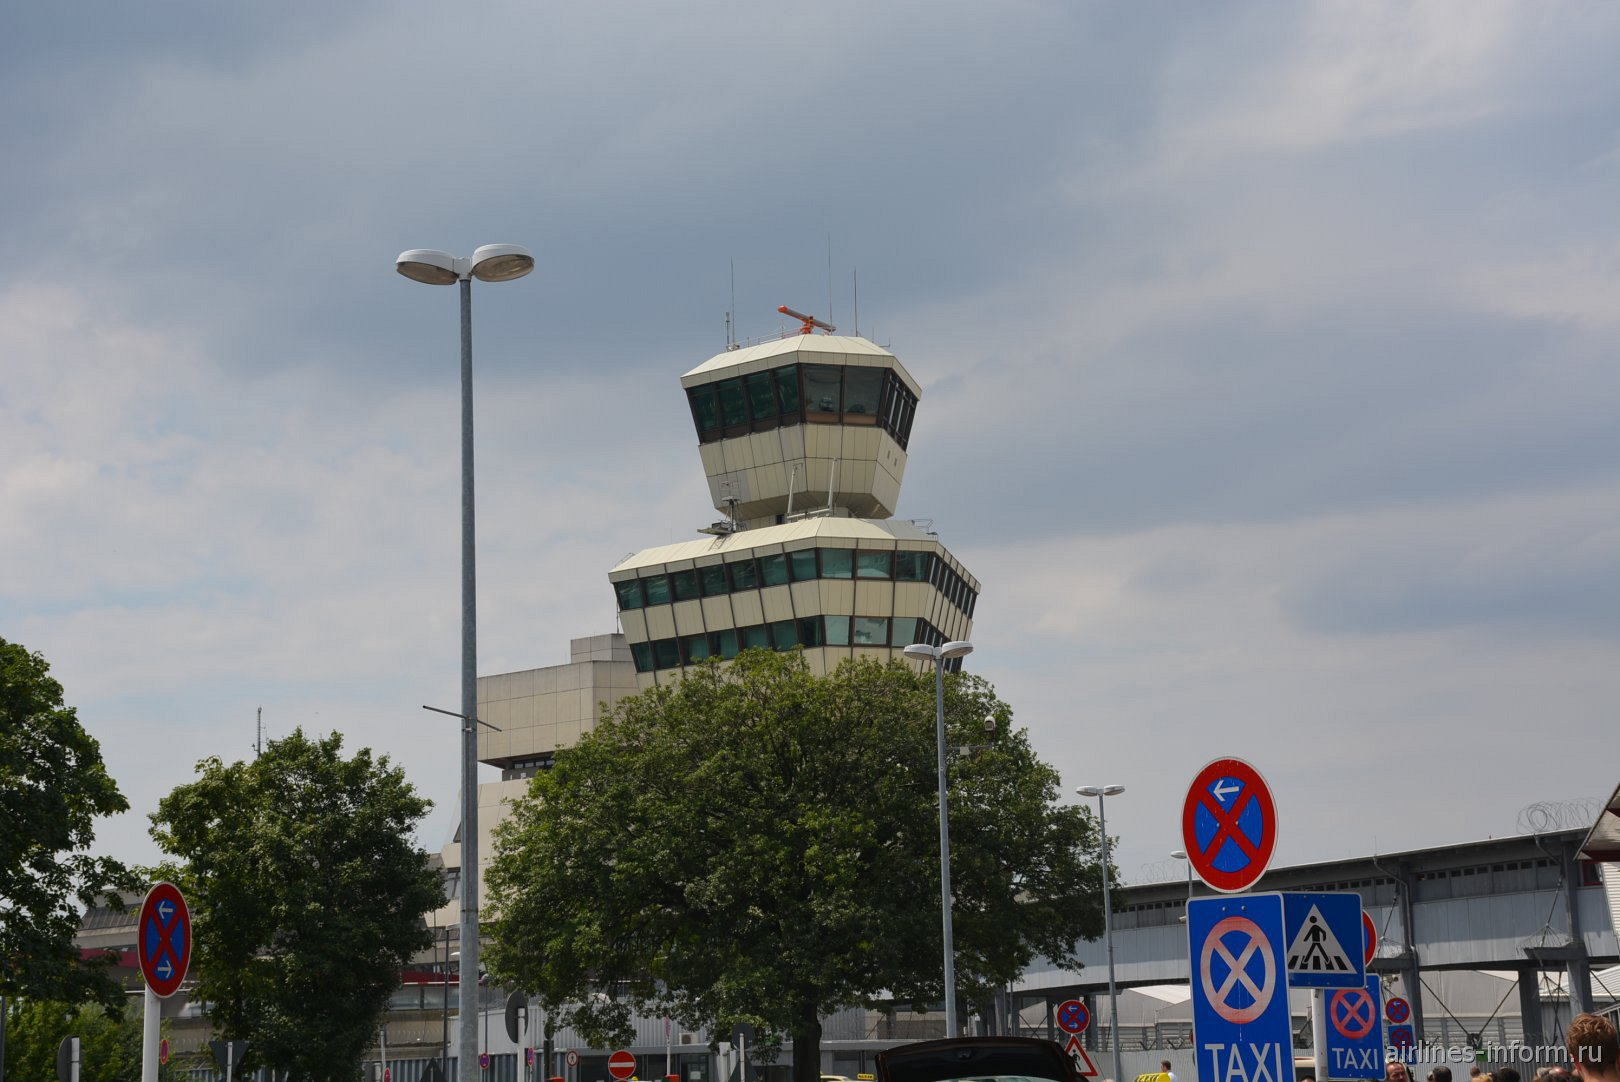 Диспетчерская башня аэропорта Берлин Тегель